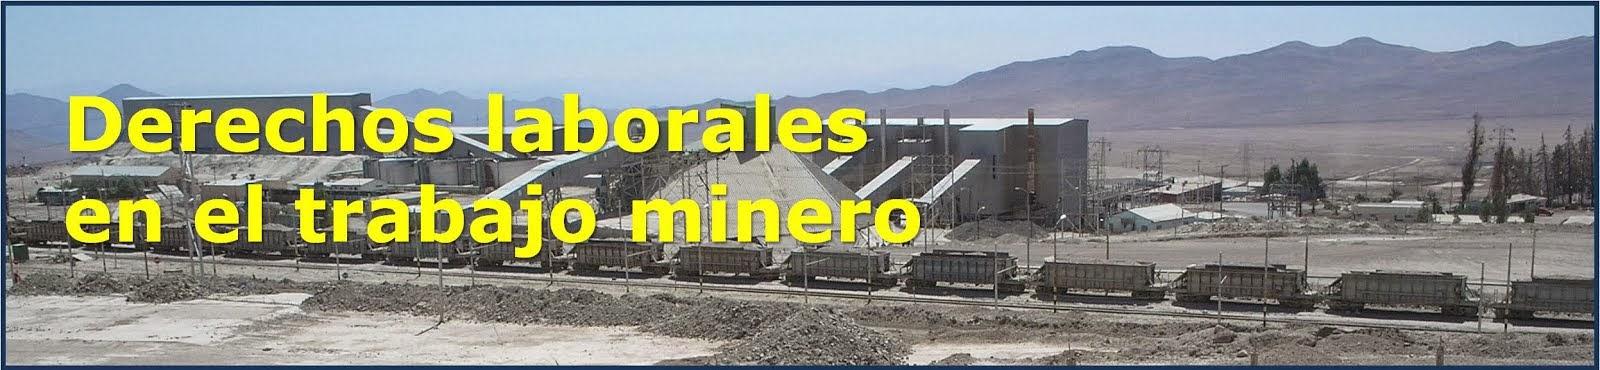 Derechos laborales en trabajo minero. Chile. Remuneraciones. Trabajos Pesados. Jornada bisemanal. 39